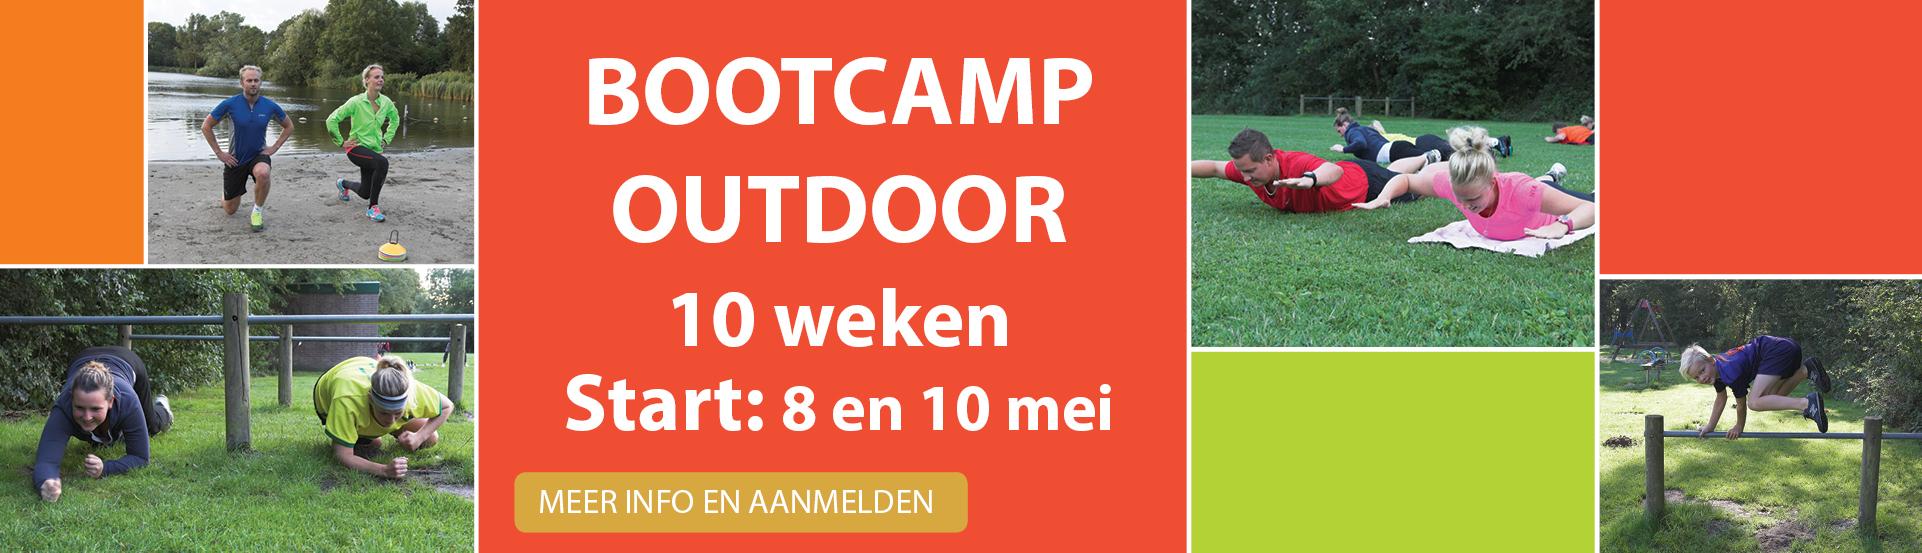 slider-bootcamp-mei-Sportstudio-de-Boer